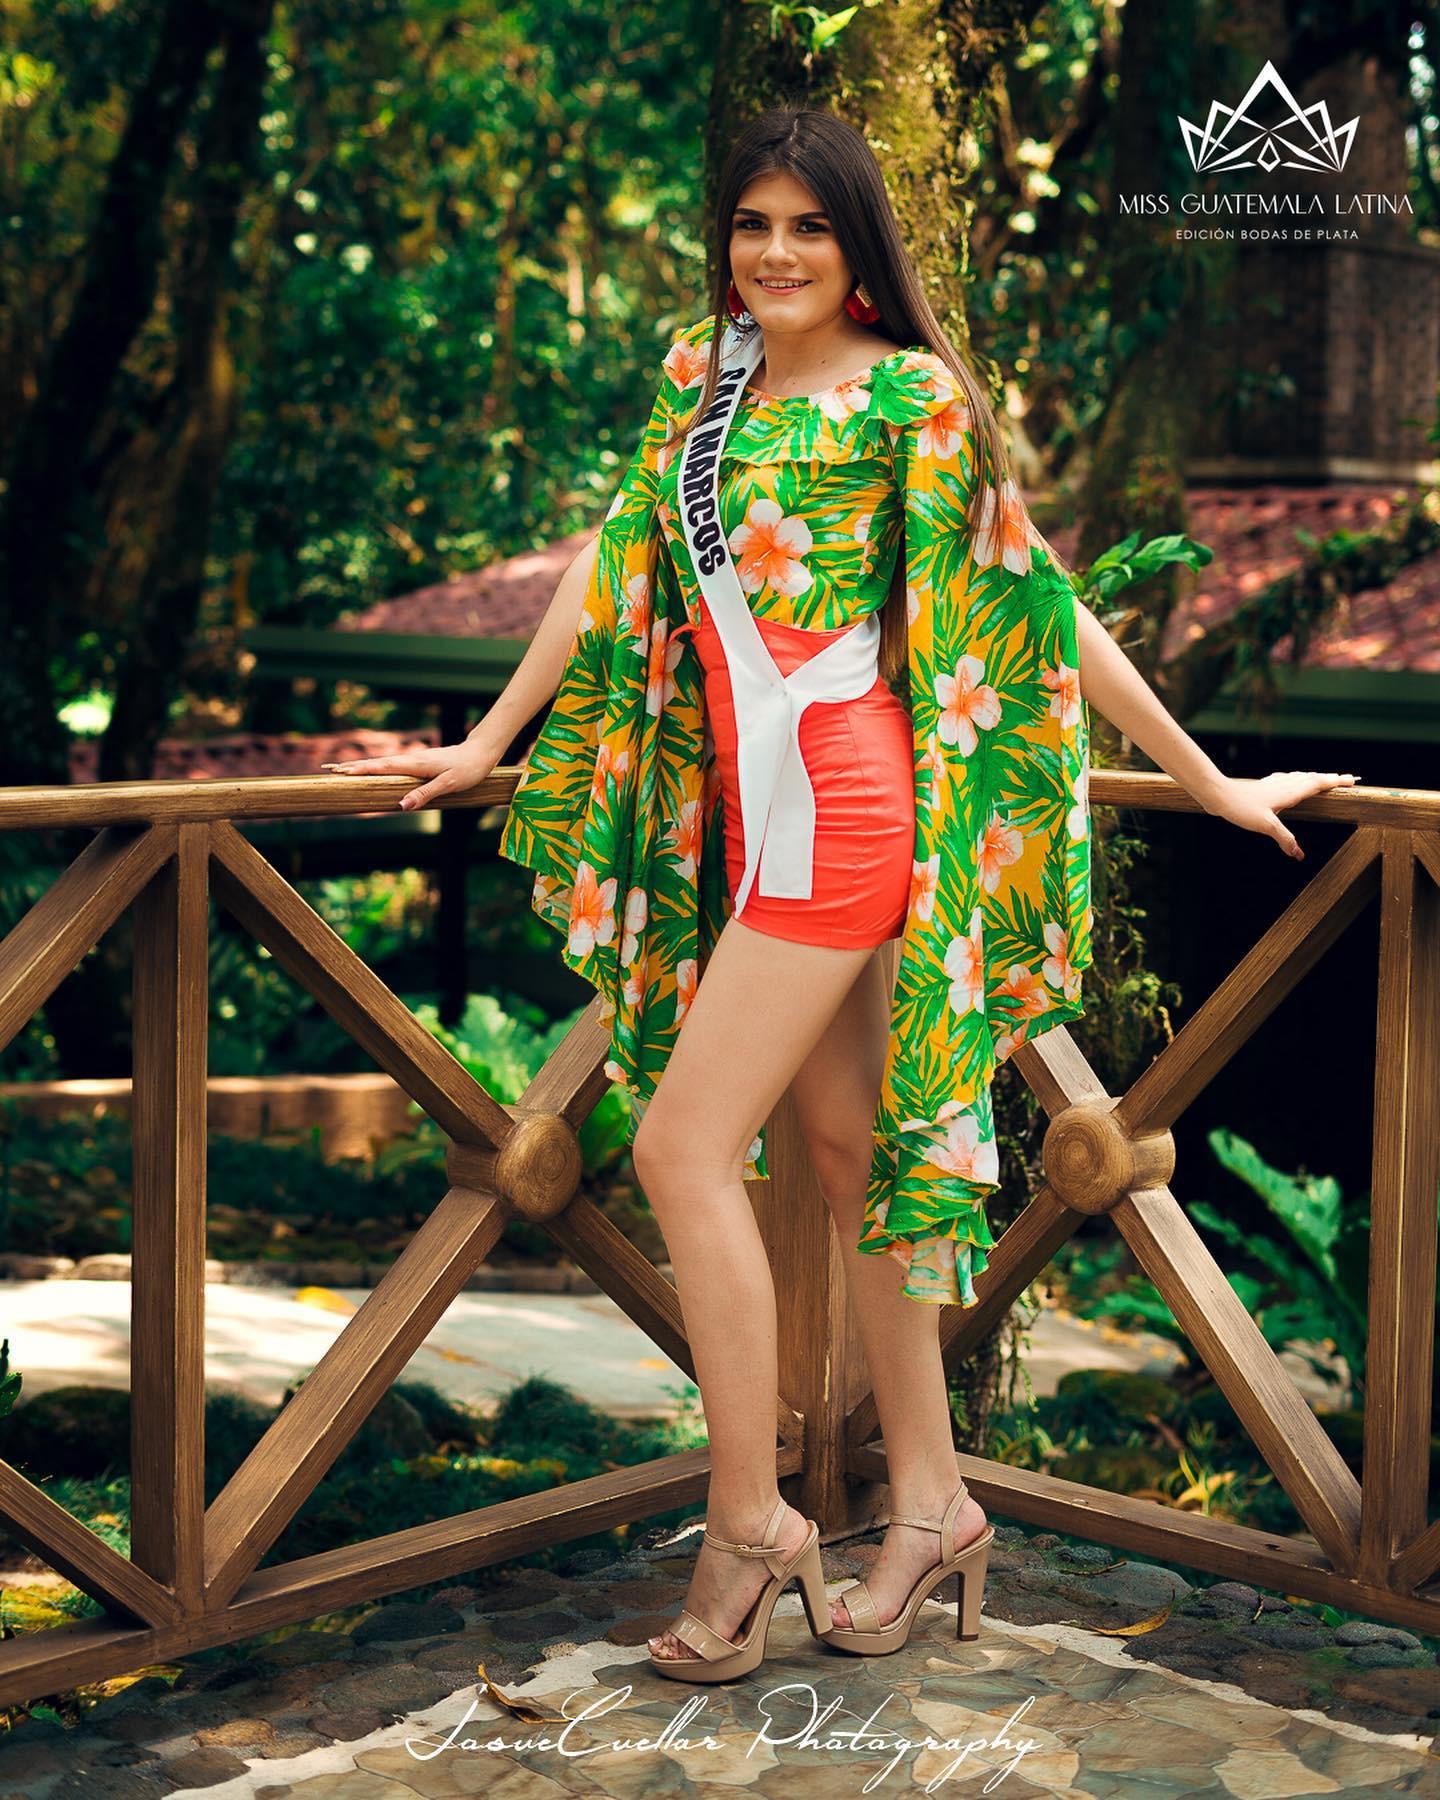 candidatas a miss guatemala latina 2021. final: 30 de abril. - Página 10 BFN2El